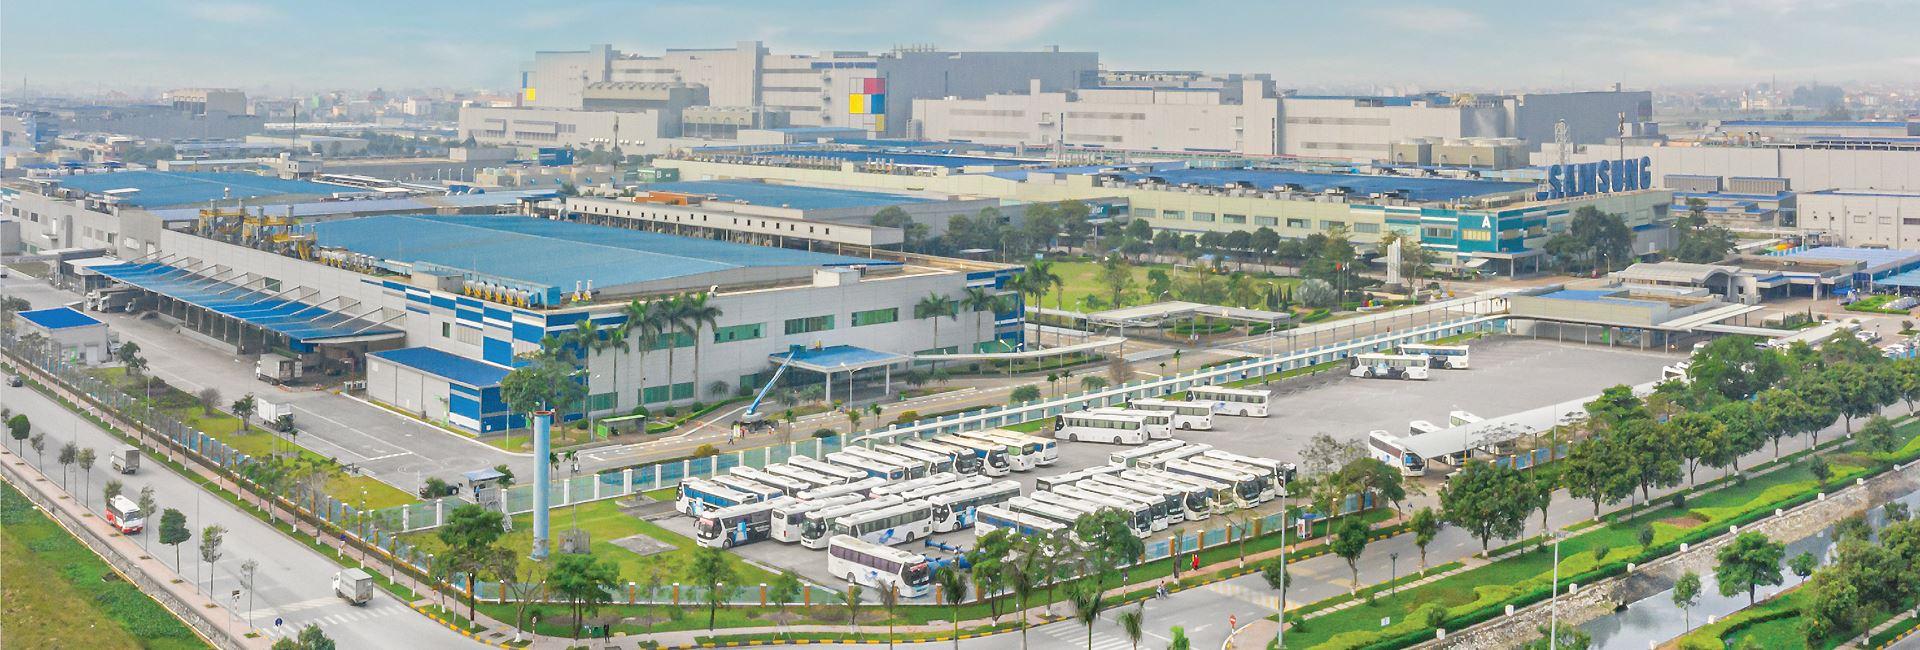 Bắc Ninh có thêm cụm công nghiệp Yên Trung – Thụy Hòa 50 ha - Ảnh 1.